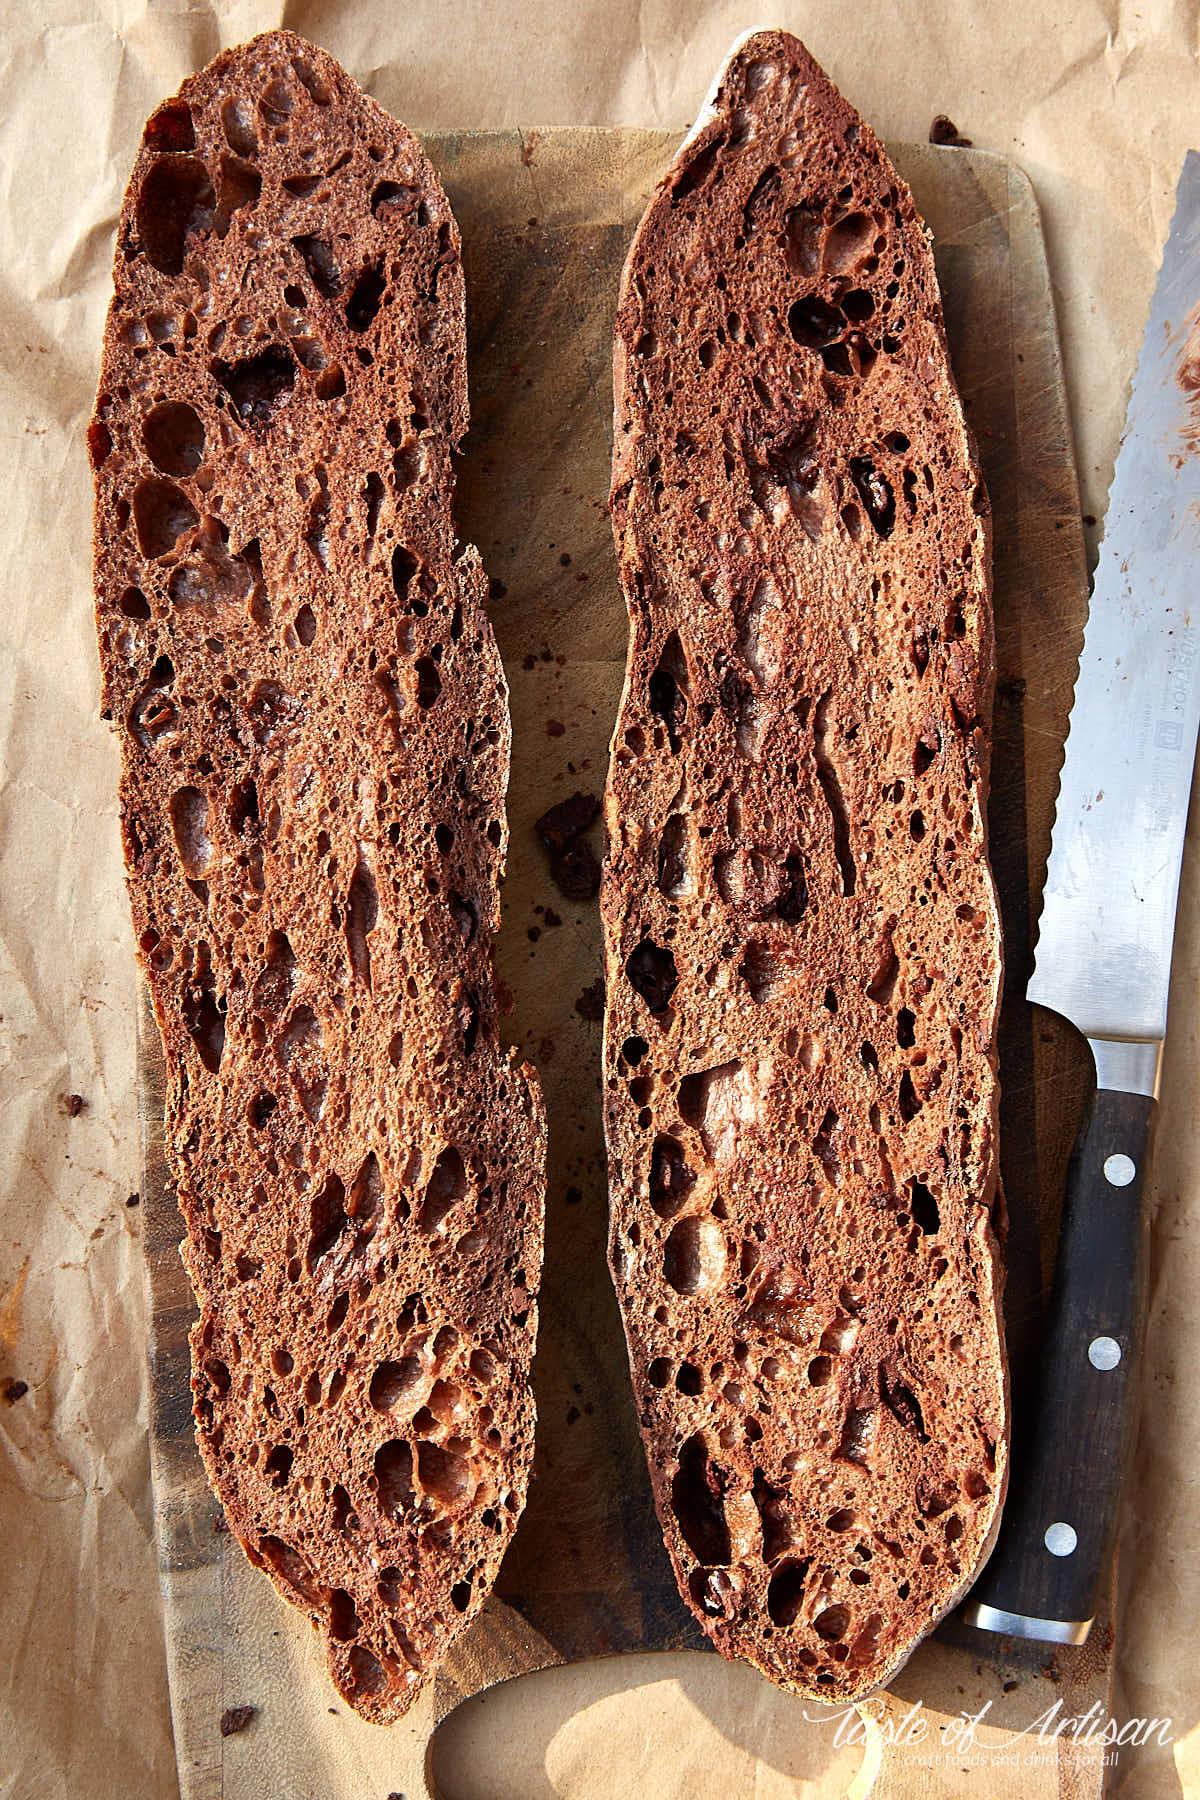 Chocolate baguette cut in half, beautiful crumb visible.